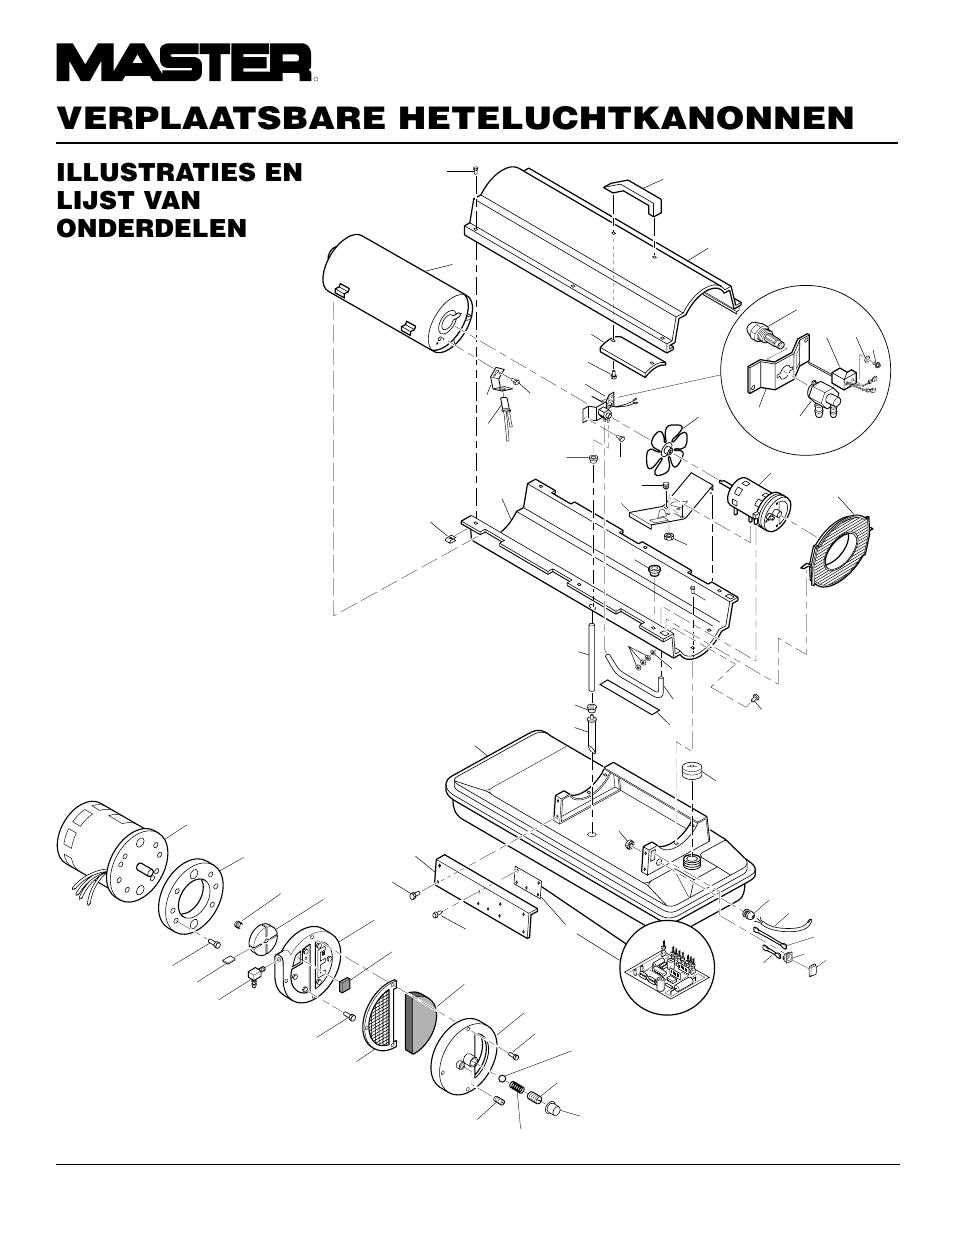 Verplaatsbare heteluchtkanonnen, Illustraties en lijst van